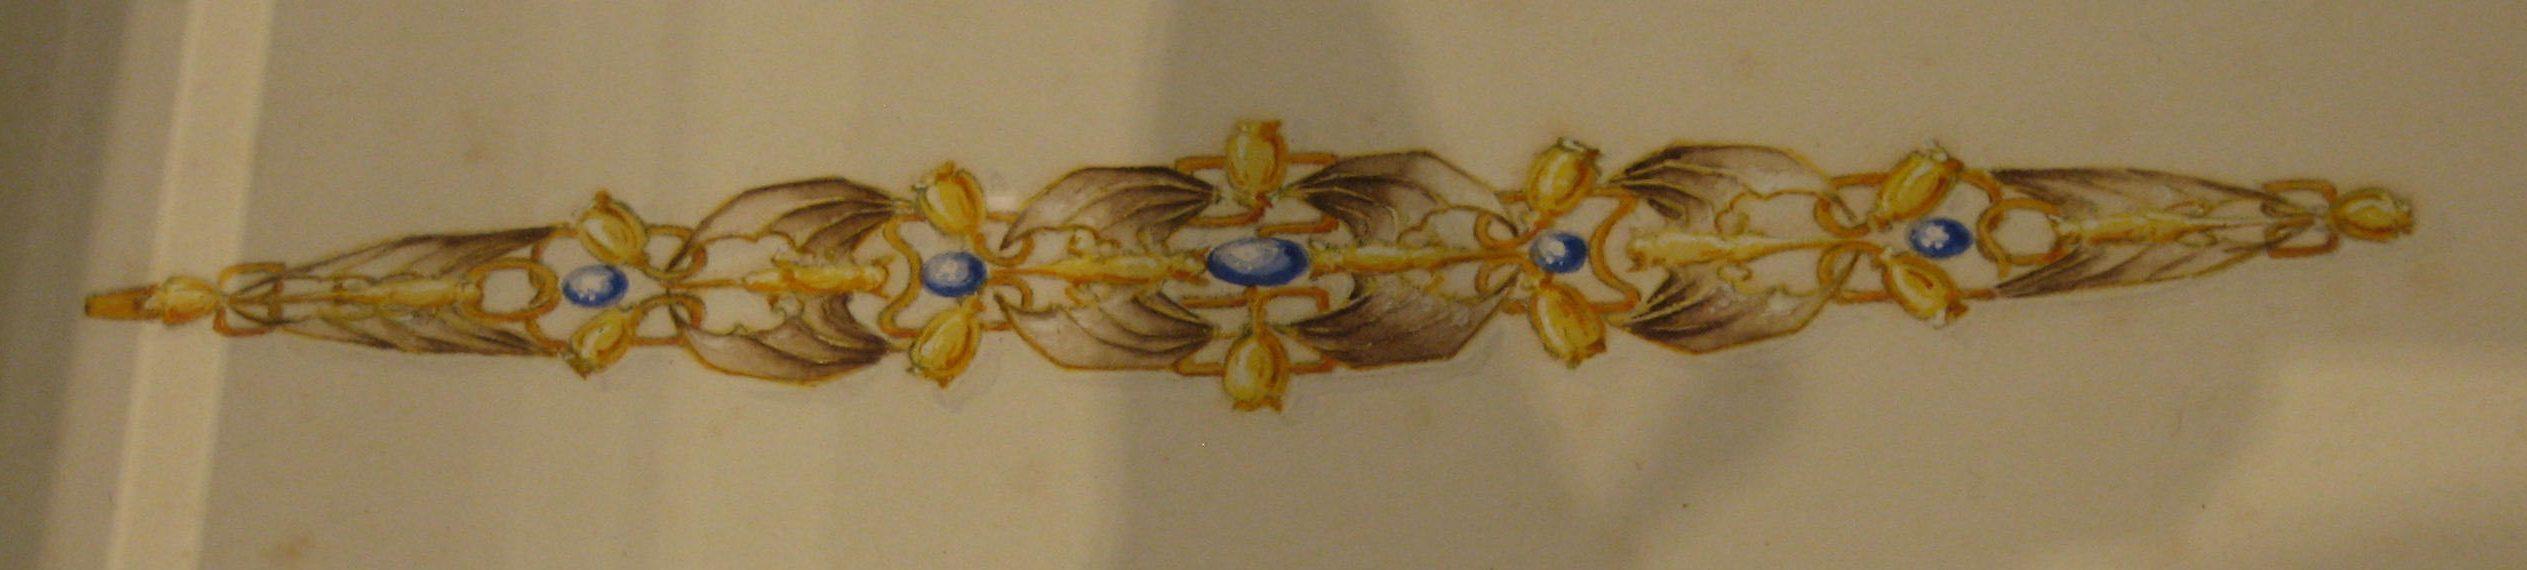 Philippe Wolfers, Vleermuizen en papavers, ontwerptekening, 17 juni 1899. Collectie Koning Boudewijnstichting, papier